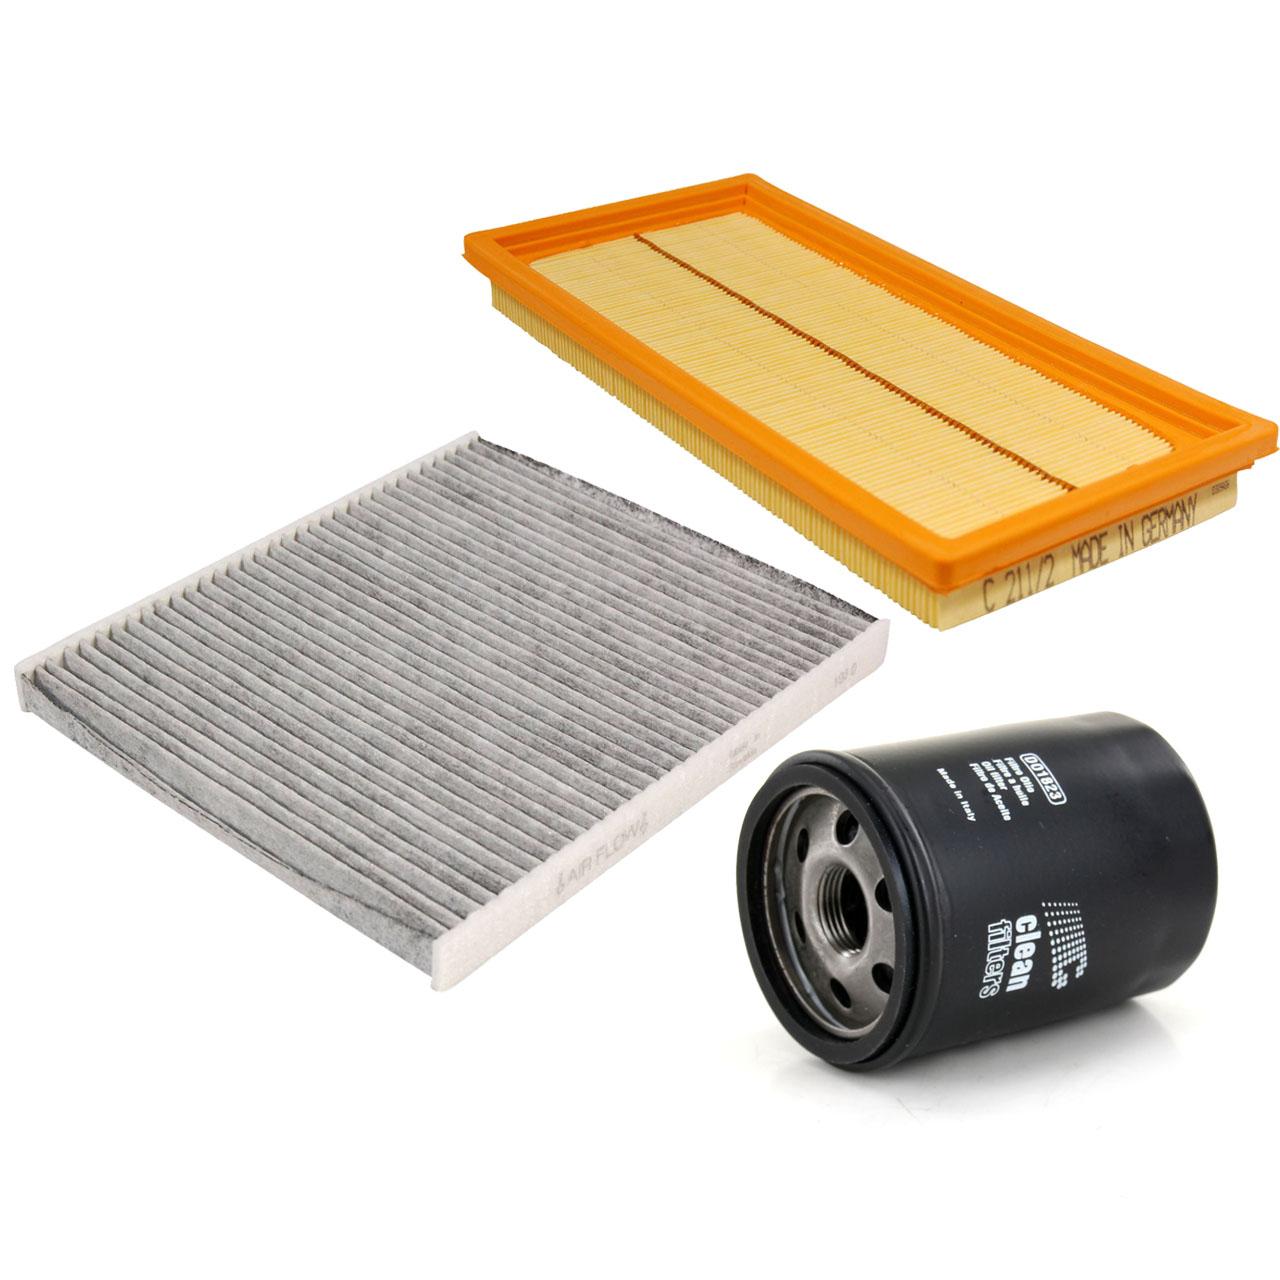 Filterpaket Filterset für Fiat 500 / C (312) bis 08.2011 Panda (169) 1.4 100 PS